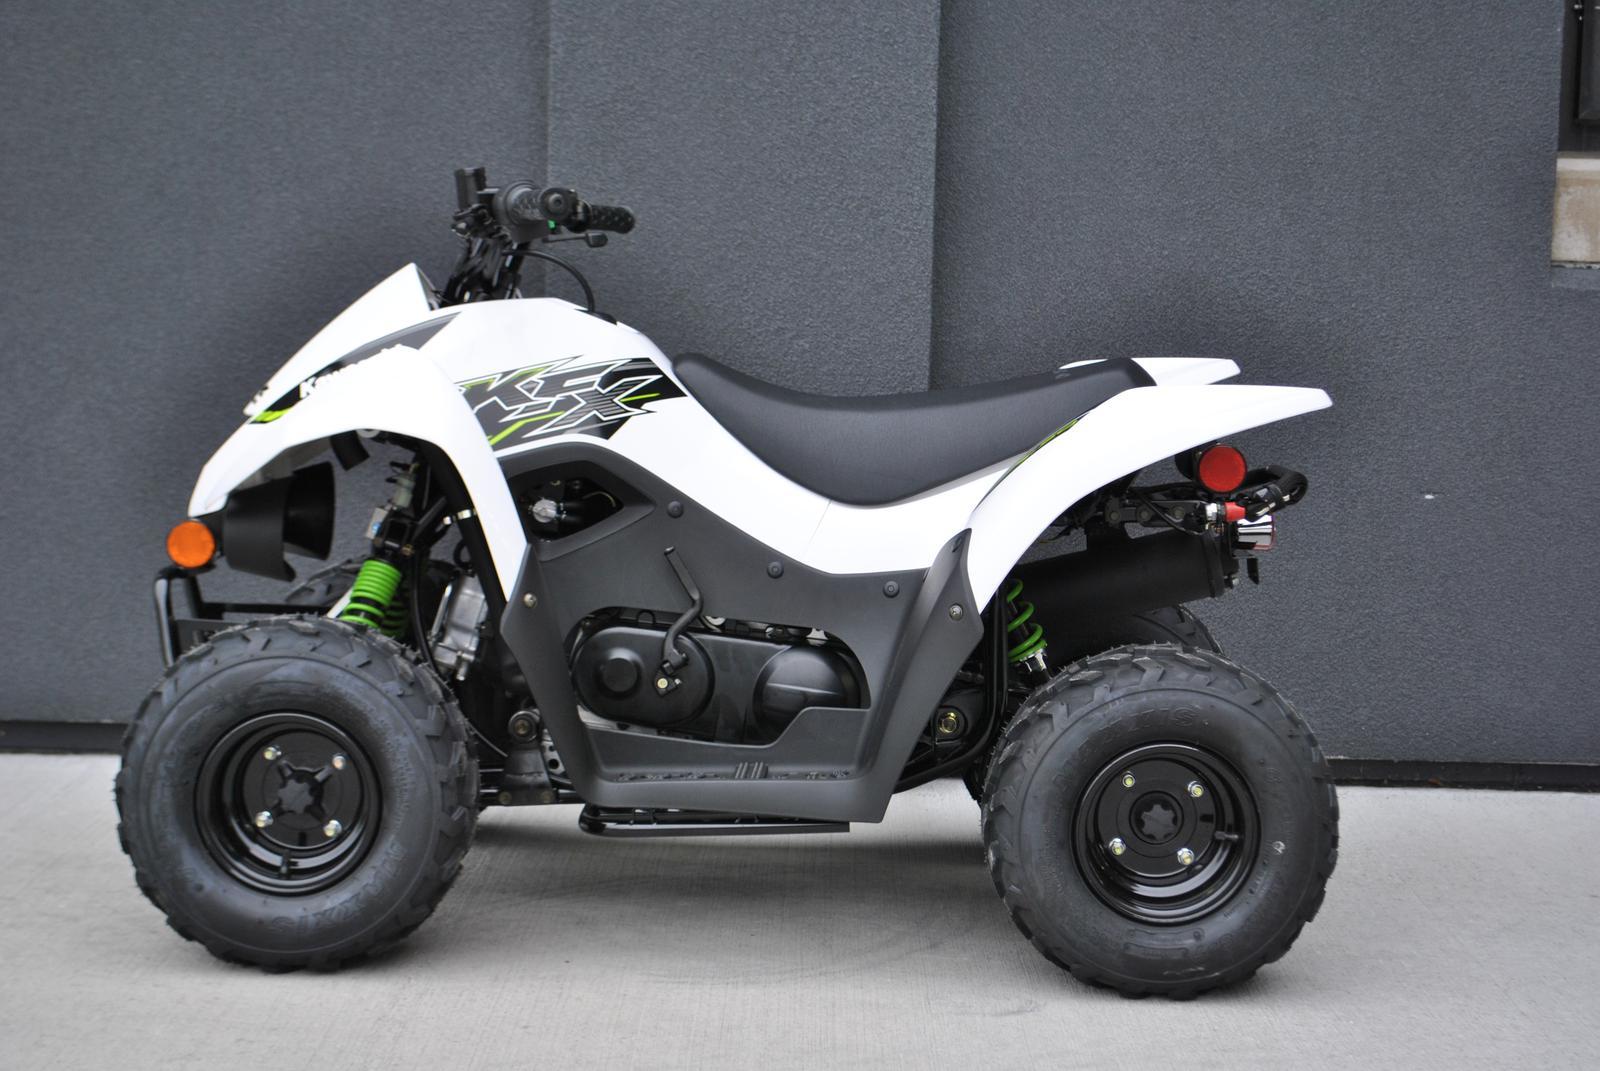 KFX50-White-K1513-01